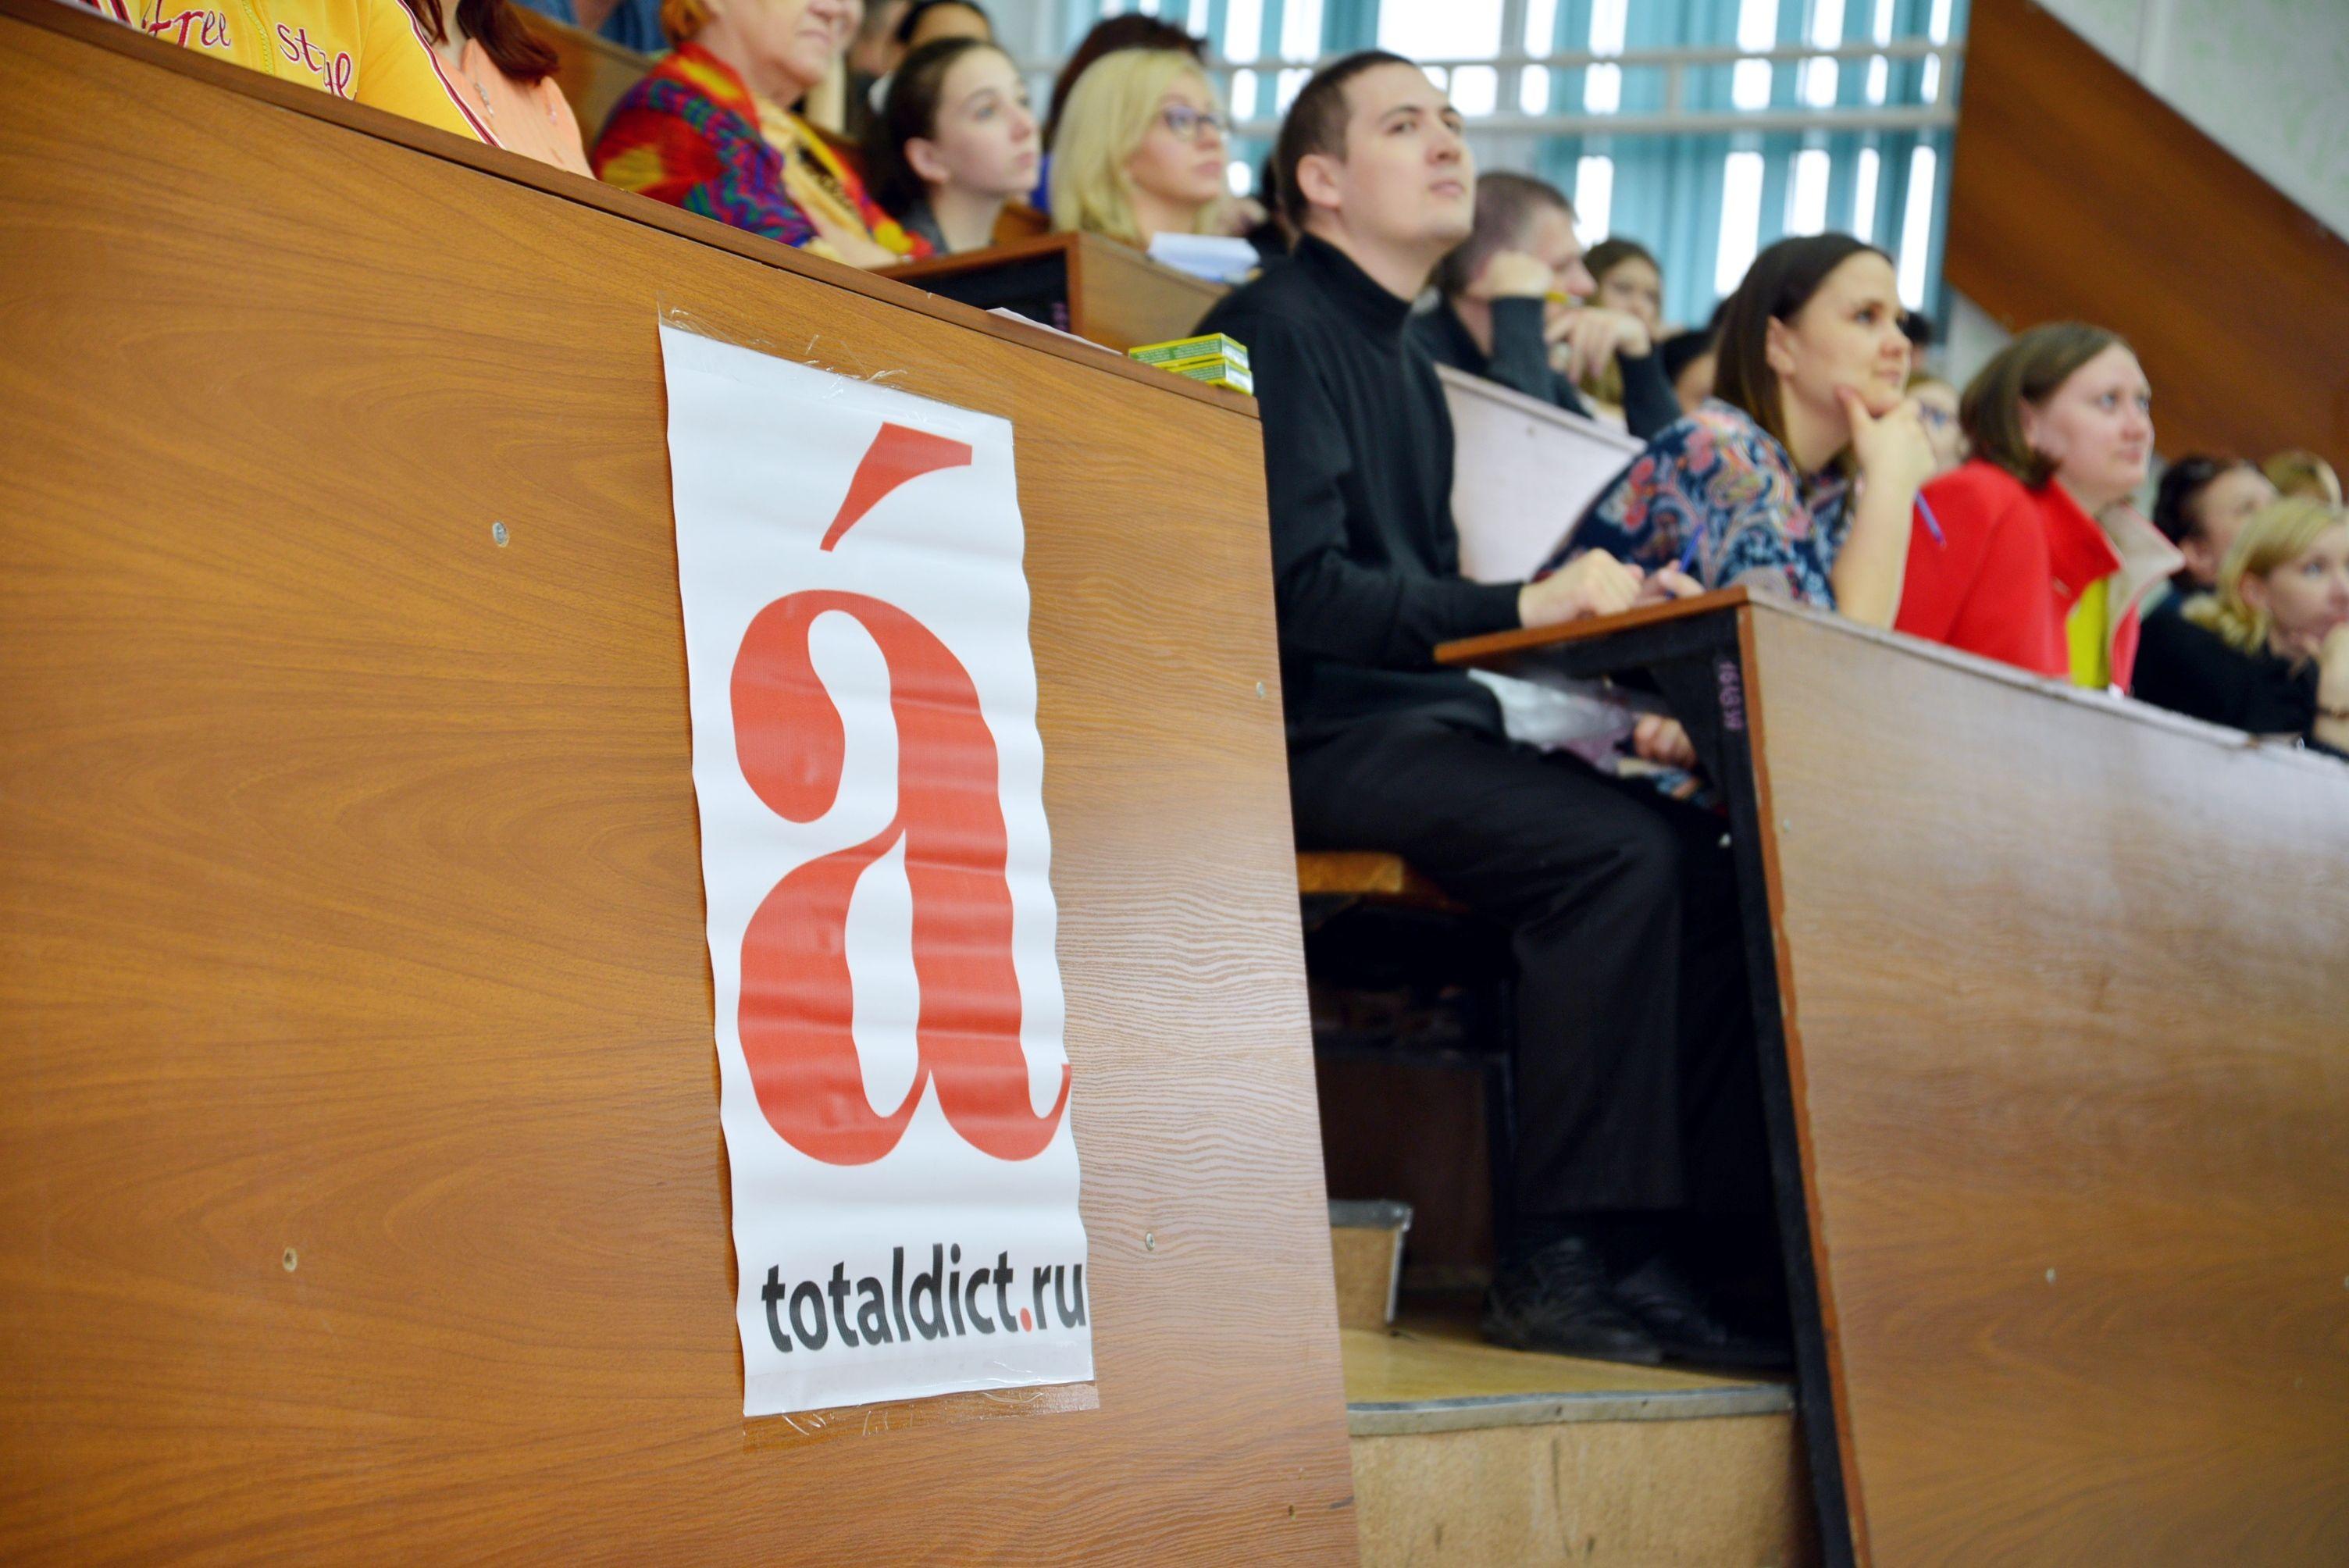 Более 450 человек пришли на «Тотальный диктант» во ВГУЭС